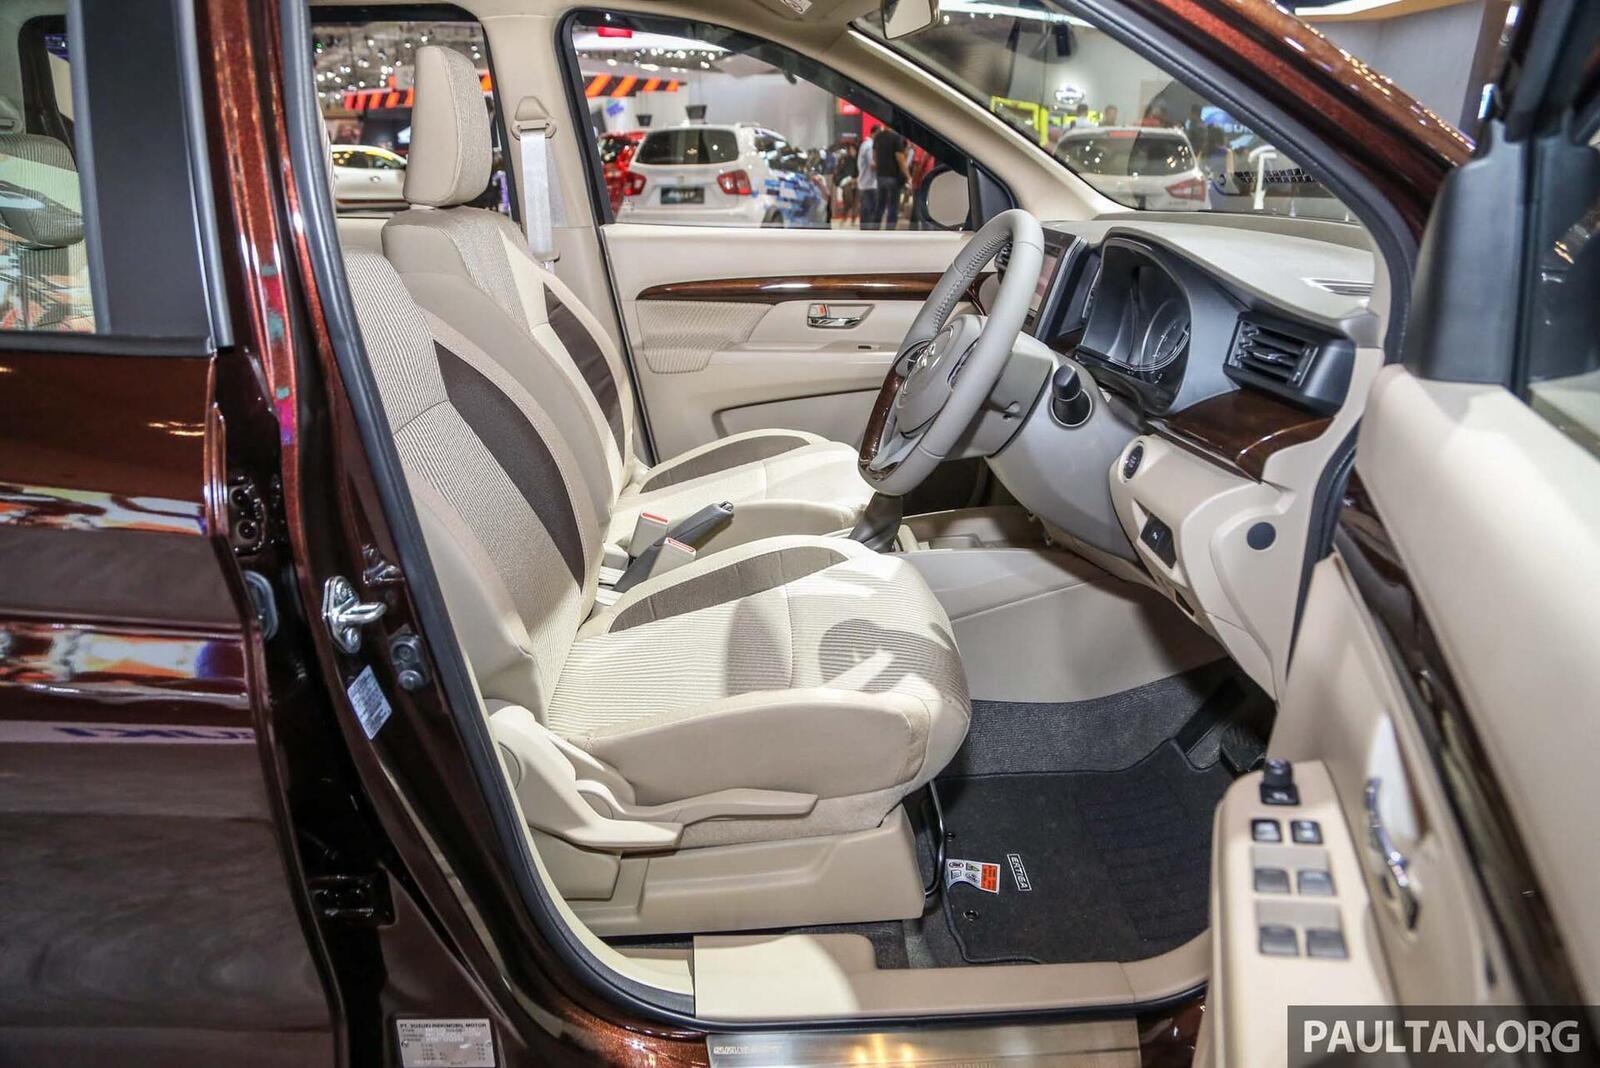 Suzuki Ertiga thế hệ mới có giá từ 486 triệu đồng tại Thái Lan; chưa hẹn ngày về Việt Nam - Hình 14